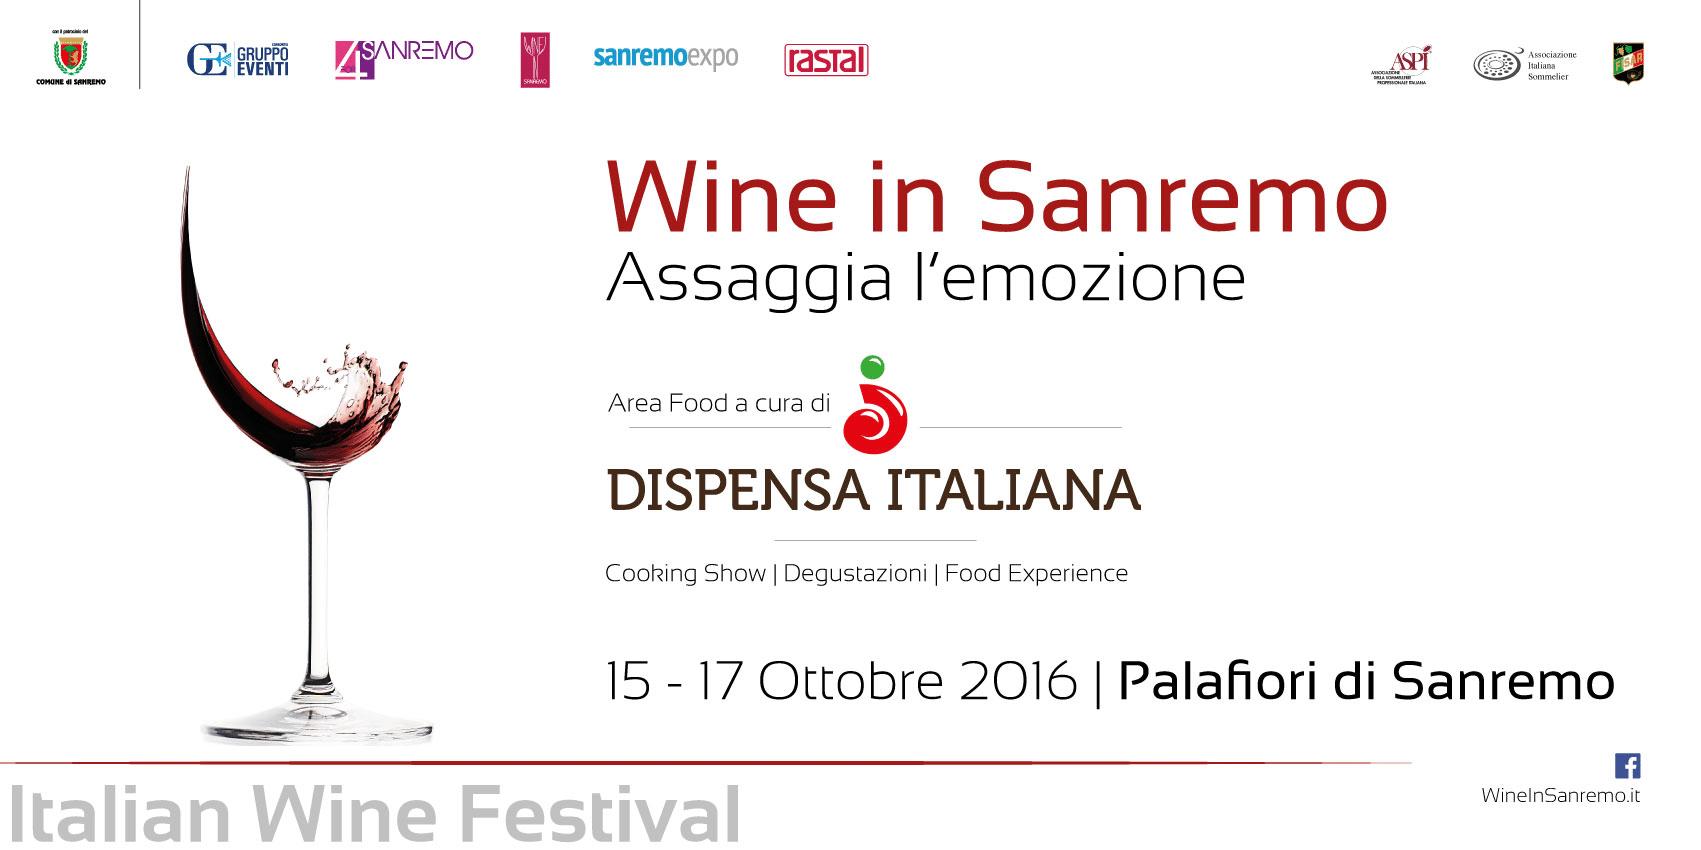 Da sabato 15 a lunedì 17 ottobre torna Wine in Sanremo, seconda edizione dell'evento che seleziona e raduna al Palafiori le migliori aziende vinicole italiane. La manifestazione è rivolta a…